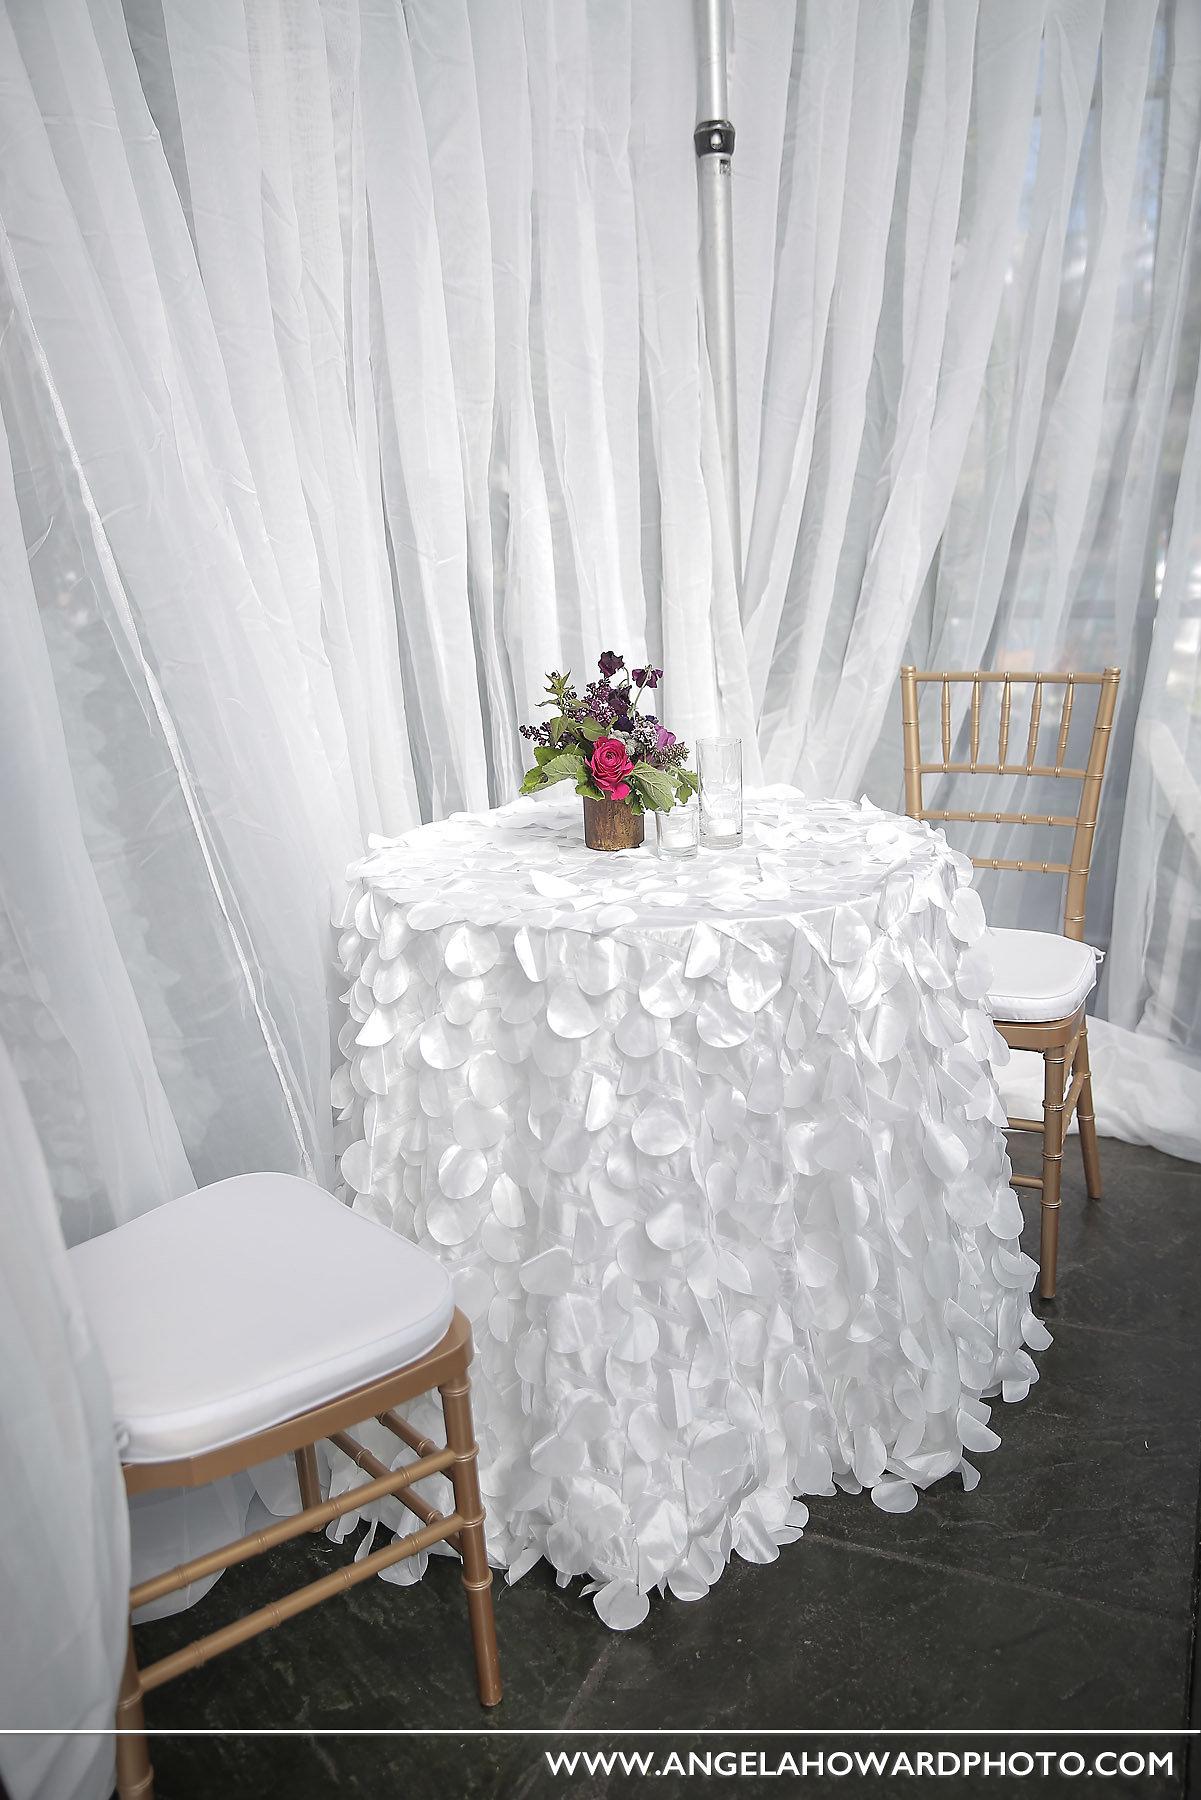 Utah Bride & Groom White Party - Creative Coverings